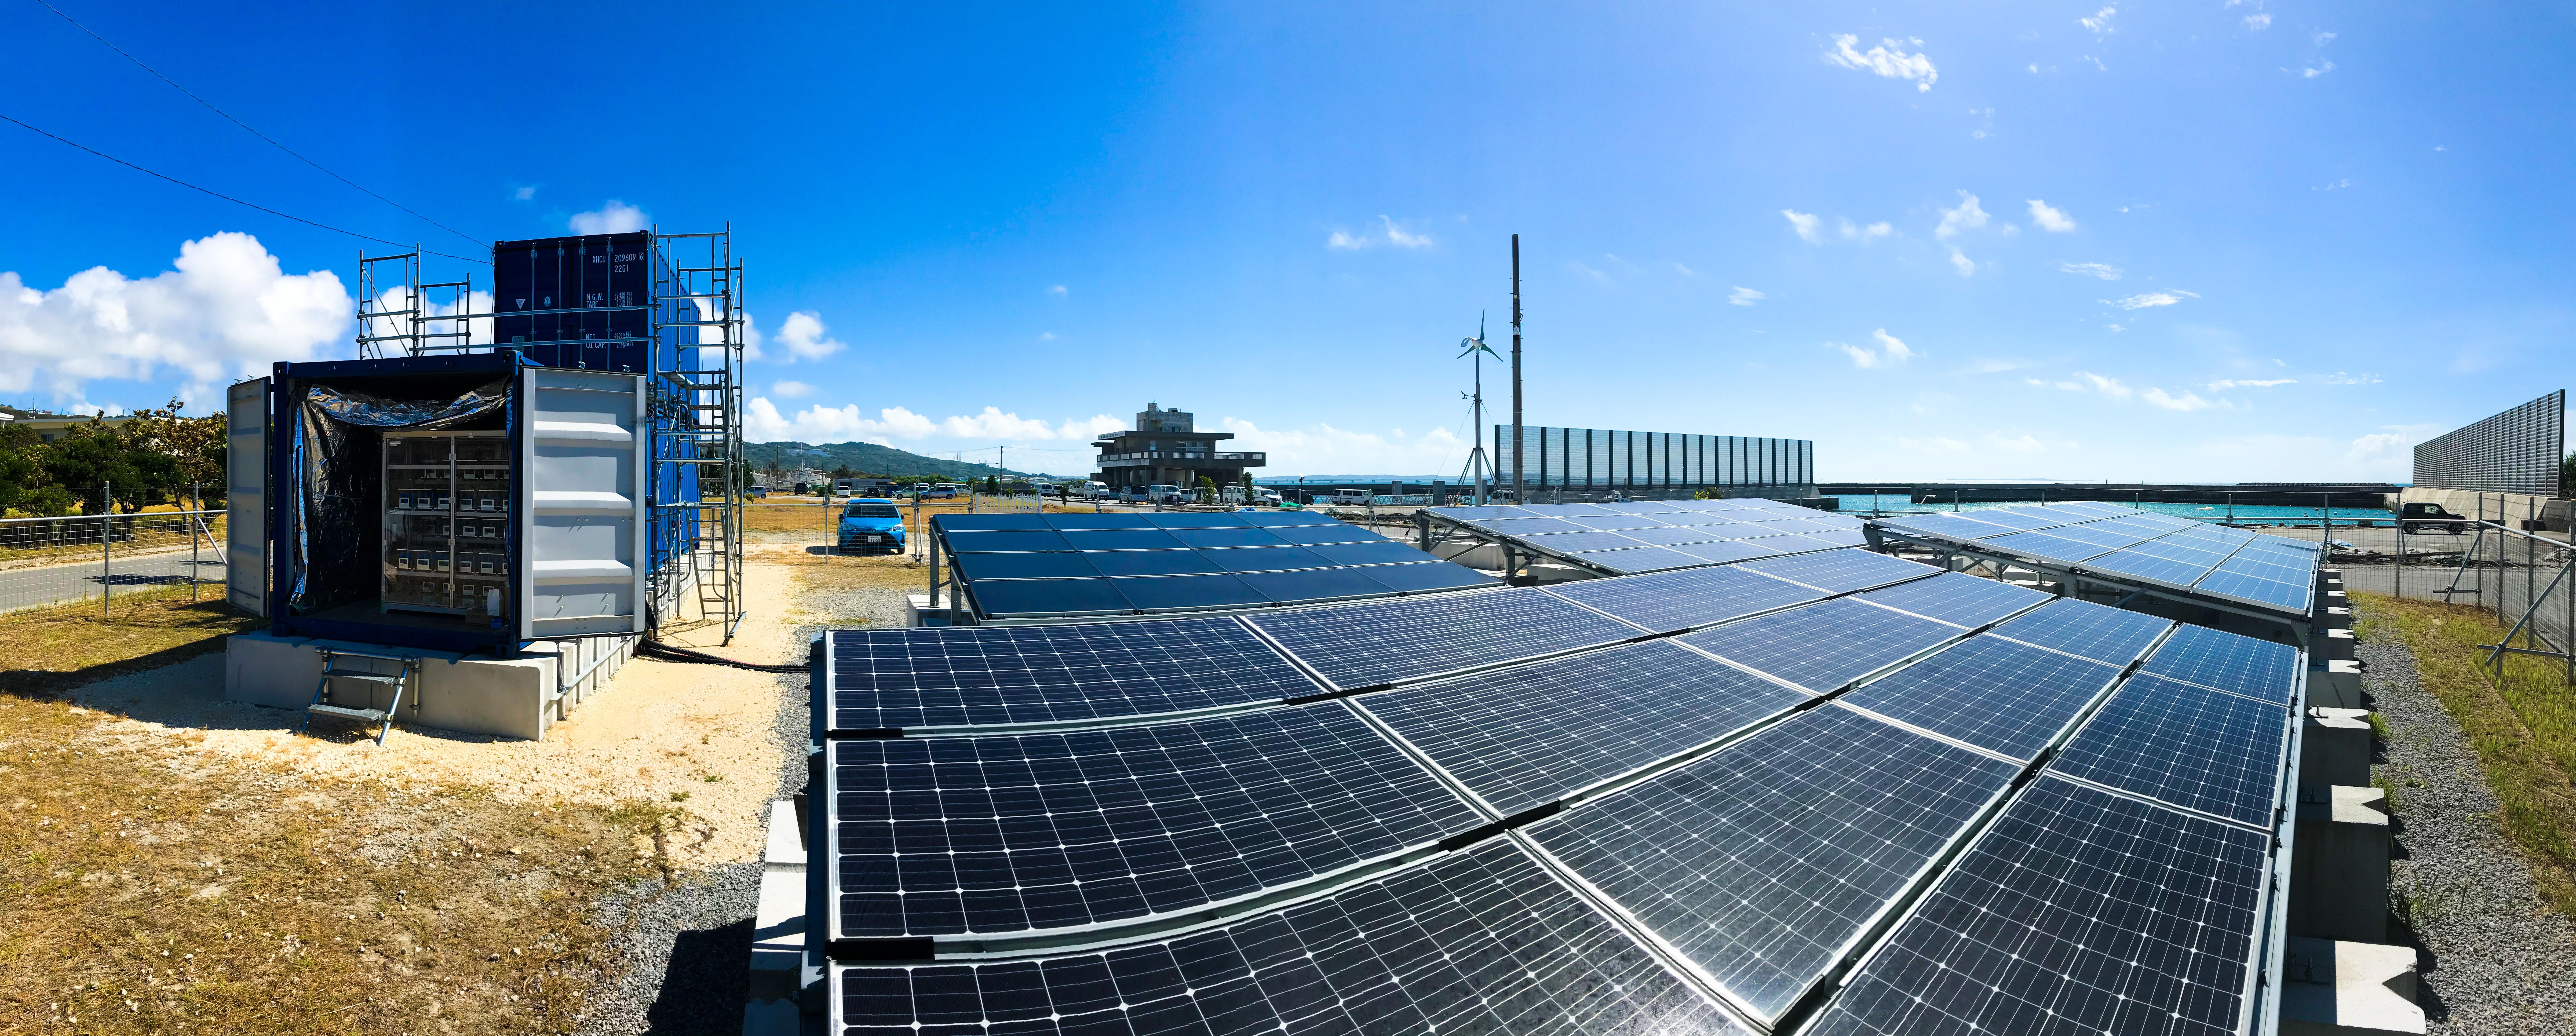 中城村養殖技術研究センター敷地内の再生可能エネルギー研究施設